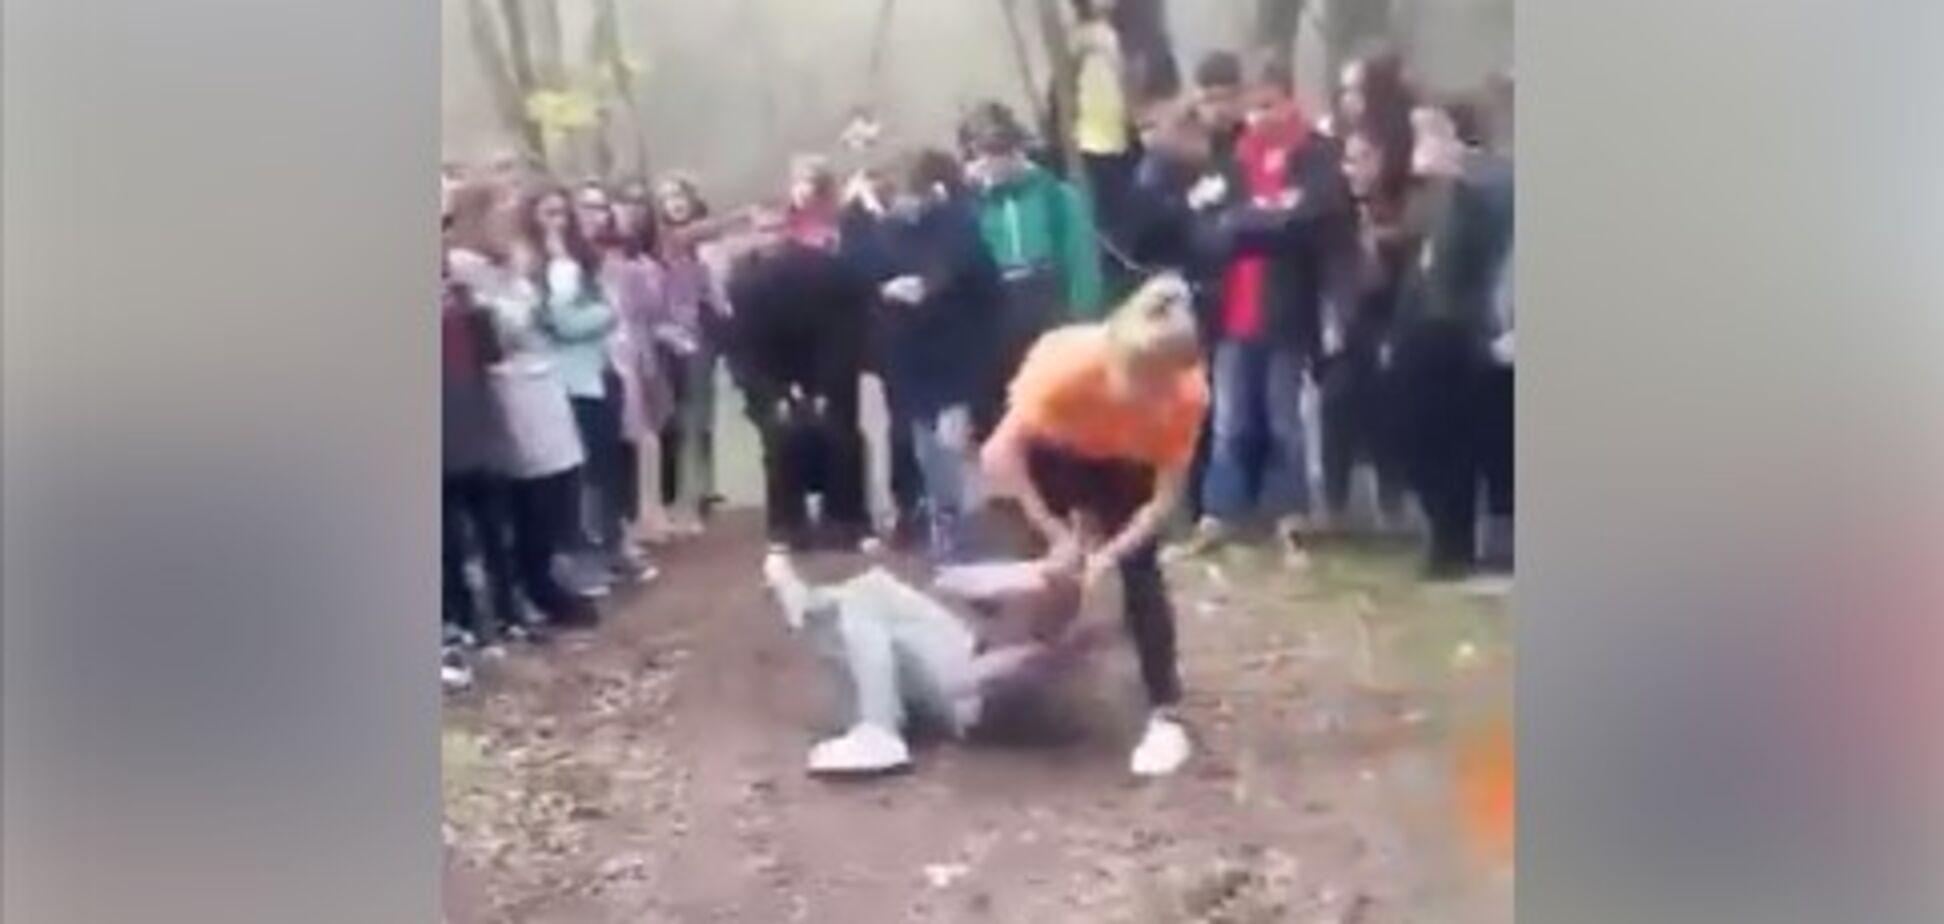 'Насолода від насильства': на Херсонщині школярки влаштували жорстокий 'бій без правил'